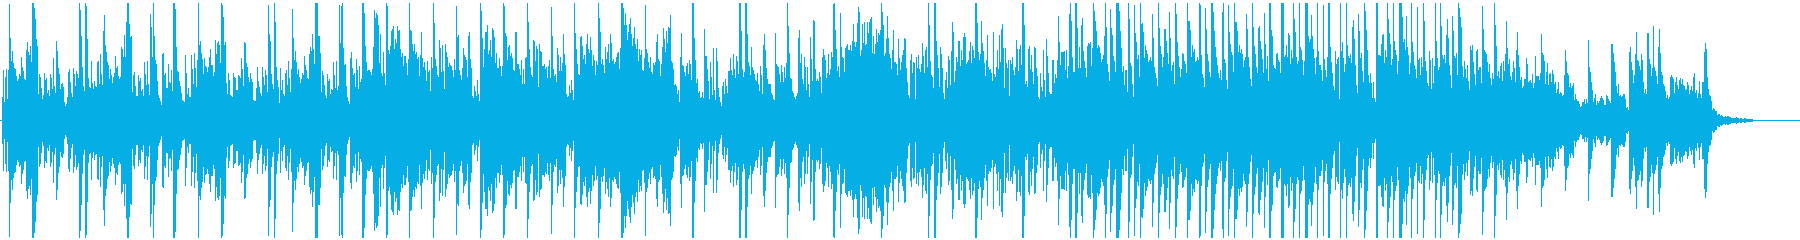 琴、尺八、三味線と祭囃子の和風BGMの再生済みの波形